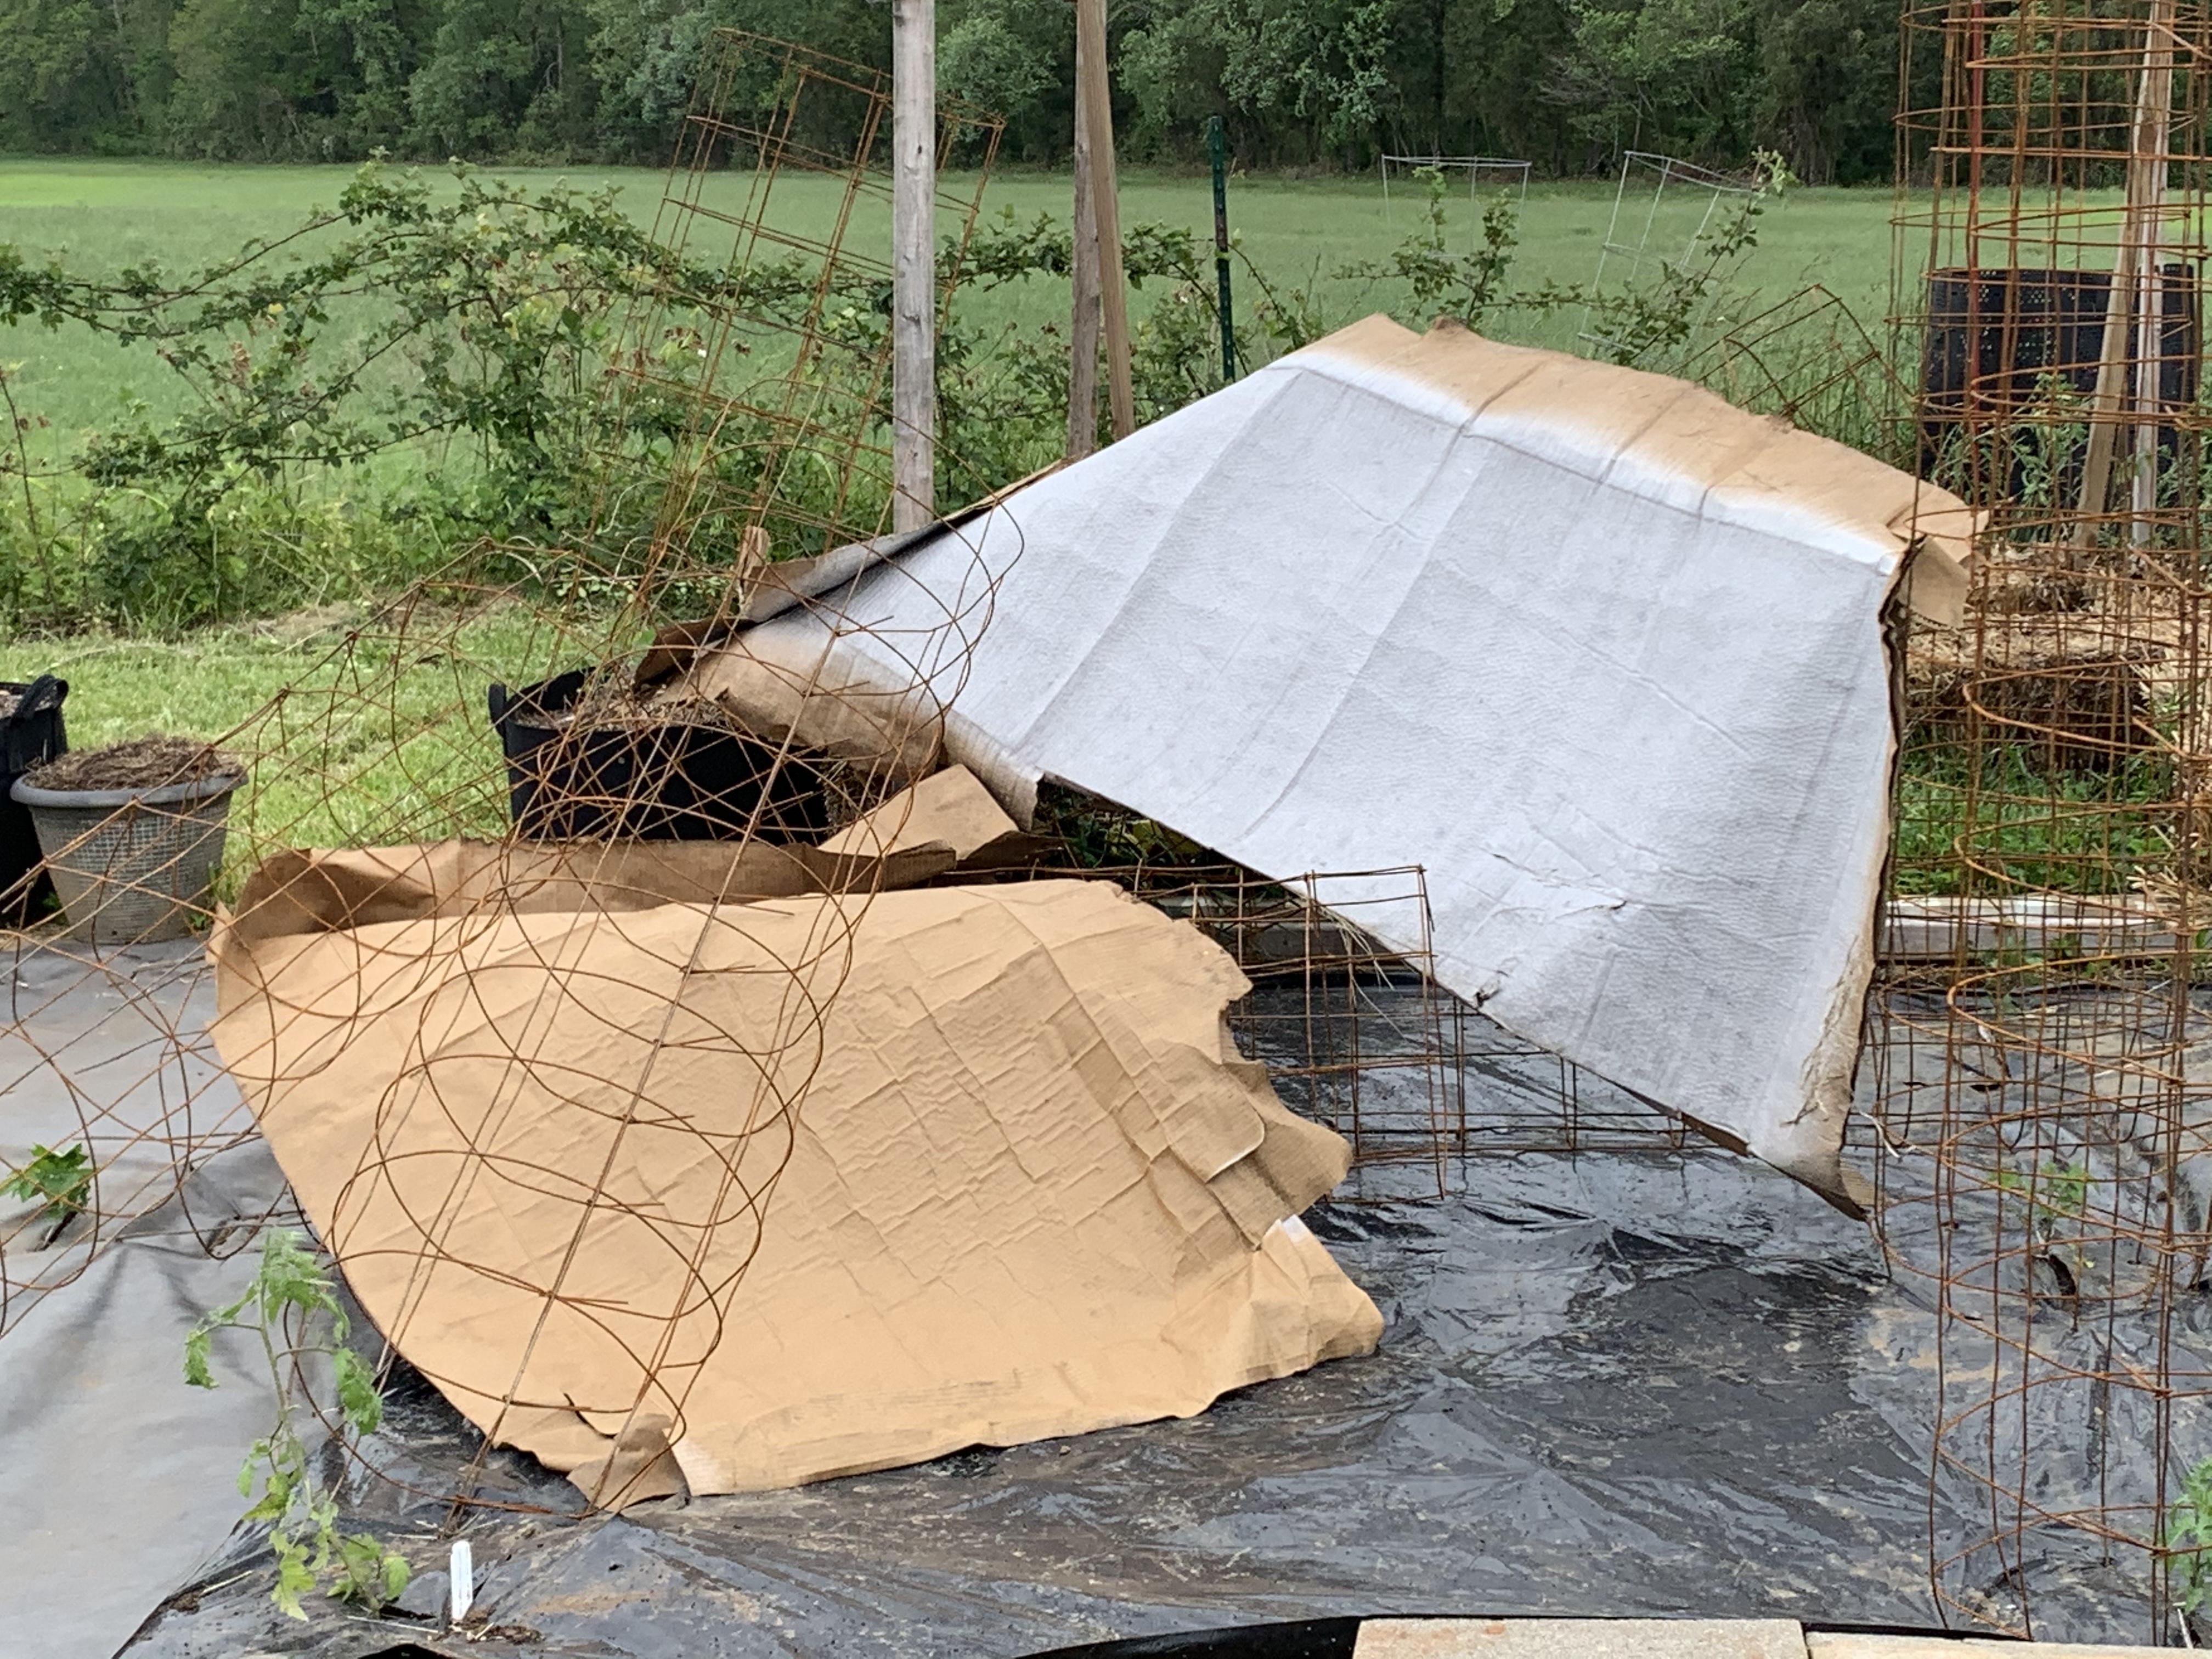 1482A2B3 AC06 4693 A87A FA1A81F76014 Cucumbers planted!